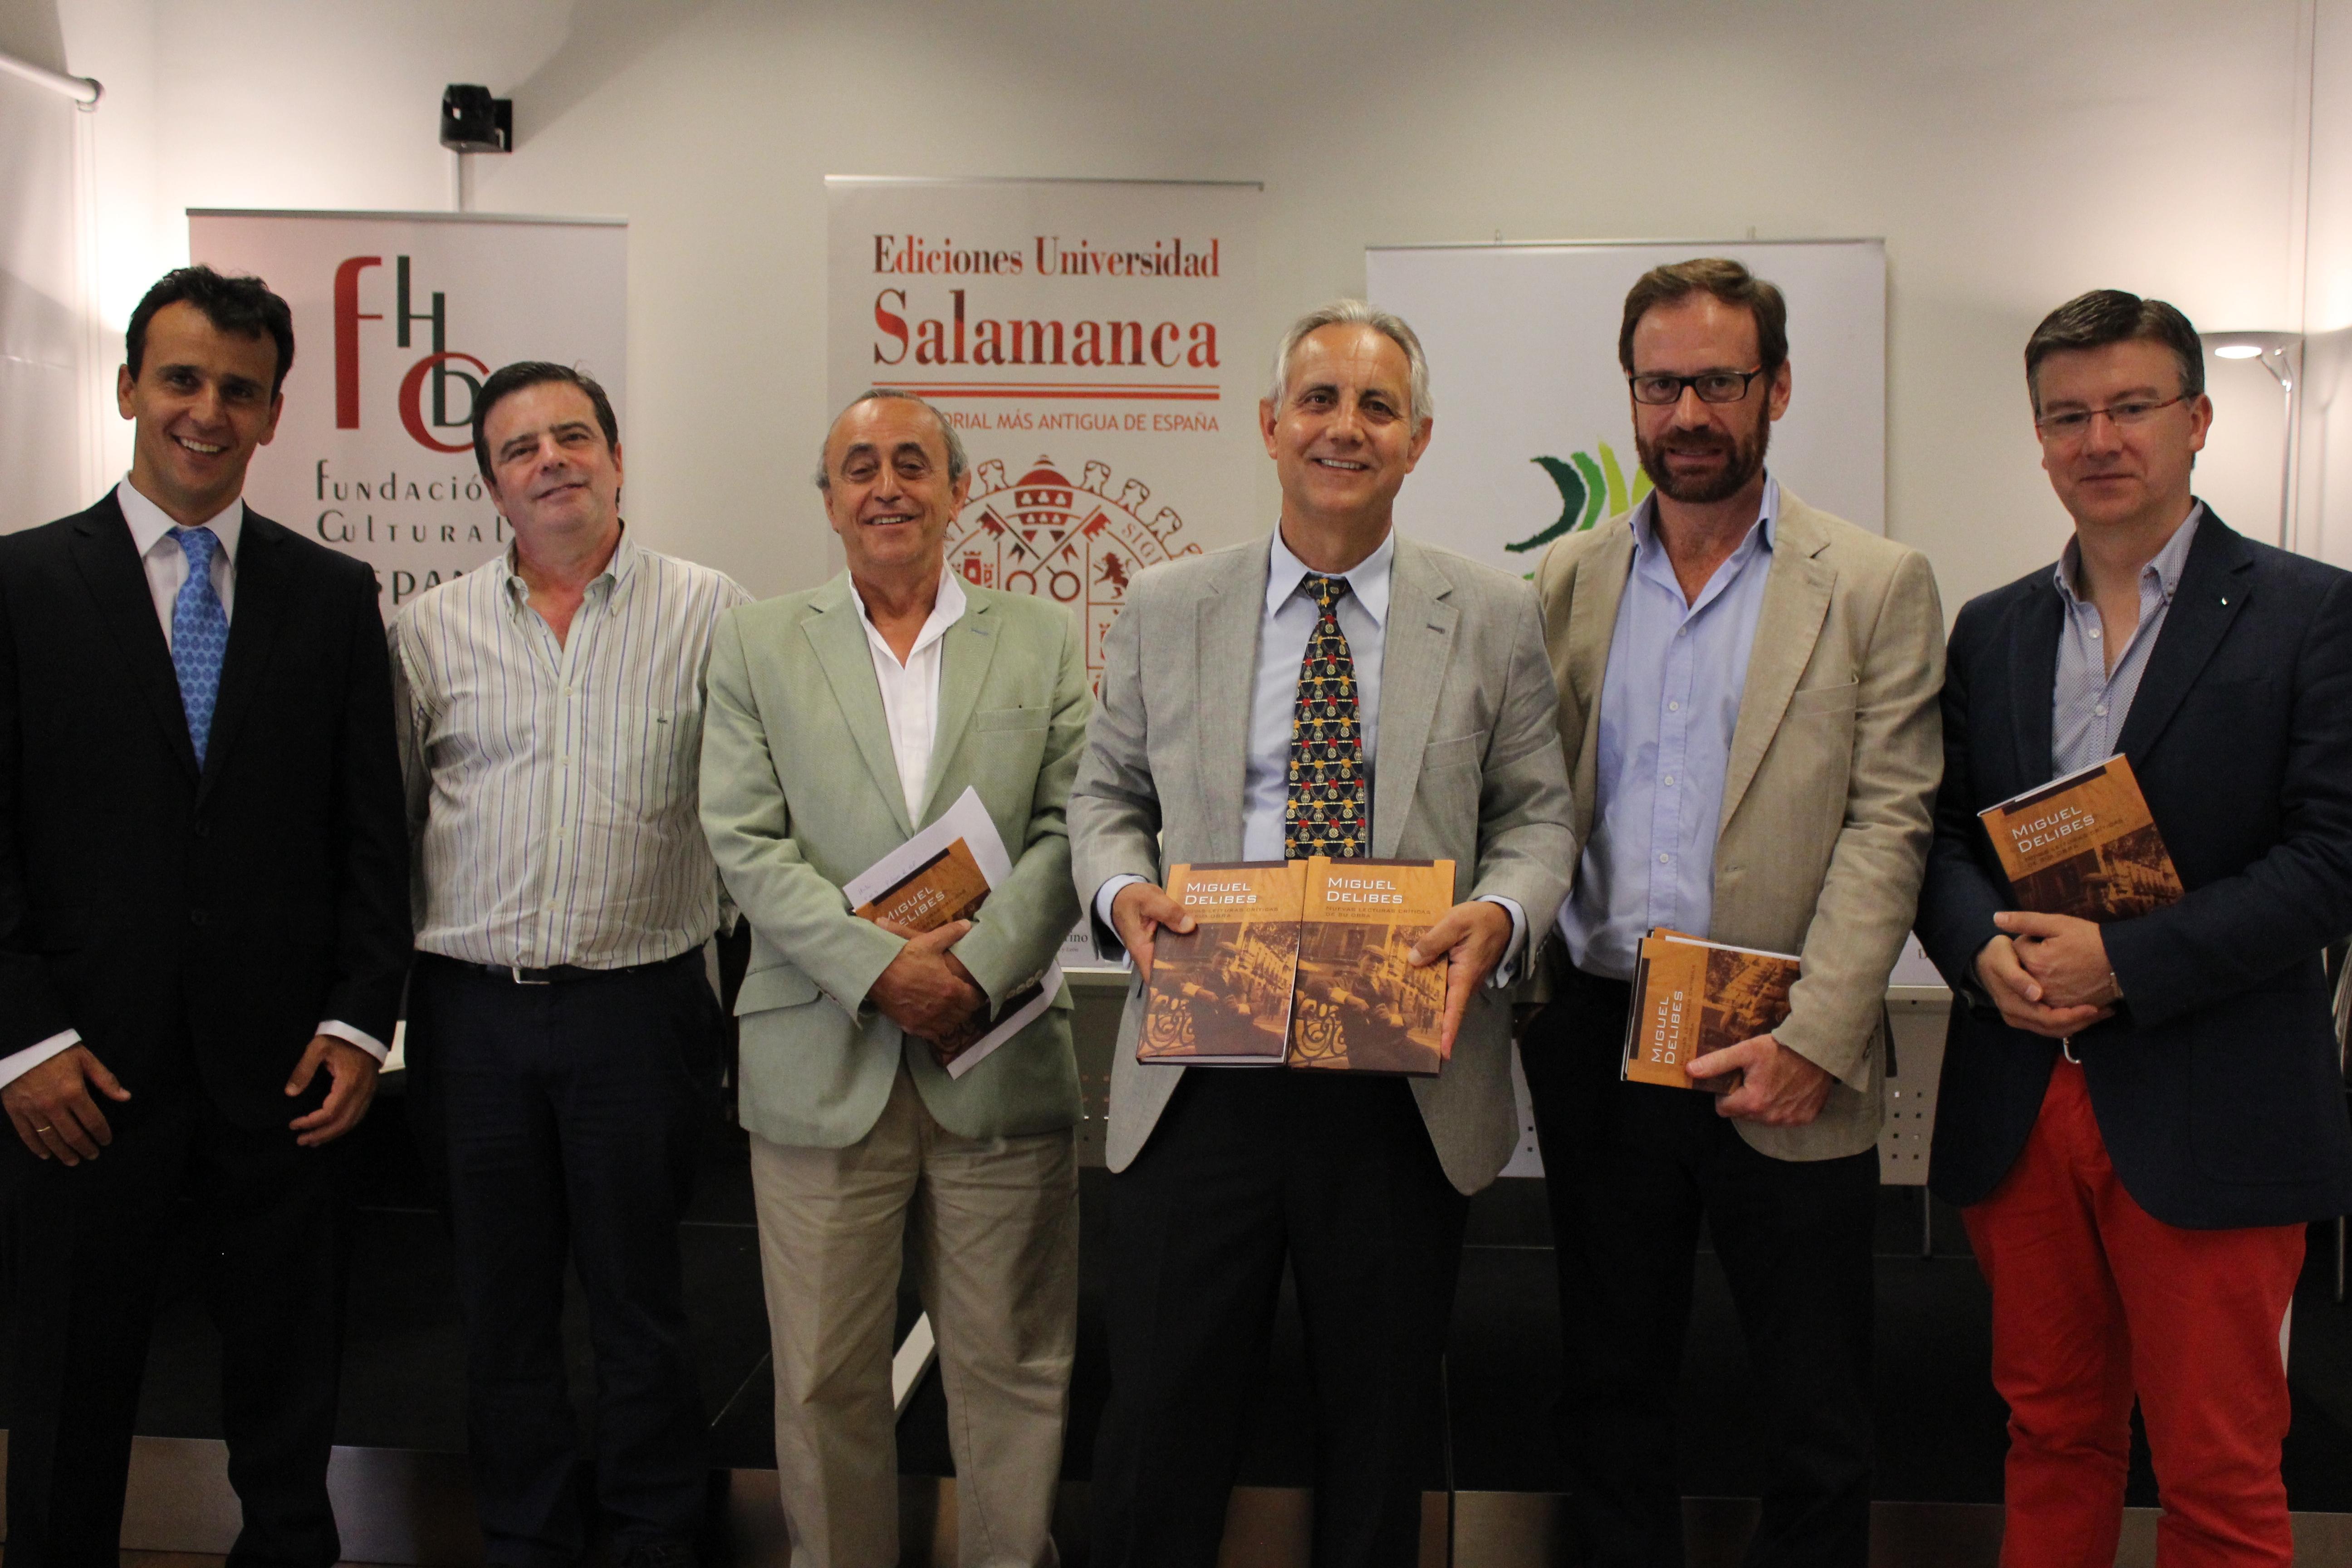 El Centro de Estudios Brasileños y Ediciones Universidad de Salamanca publican un libro sobre Miguel Delibes en formato digital y en portugués